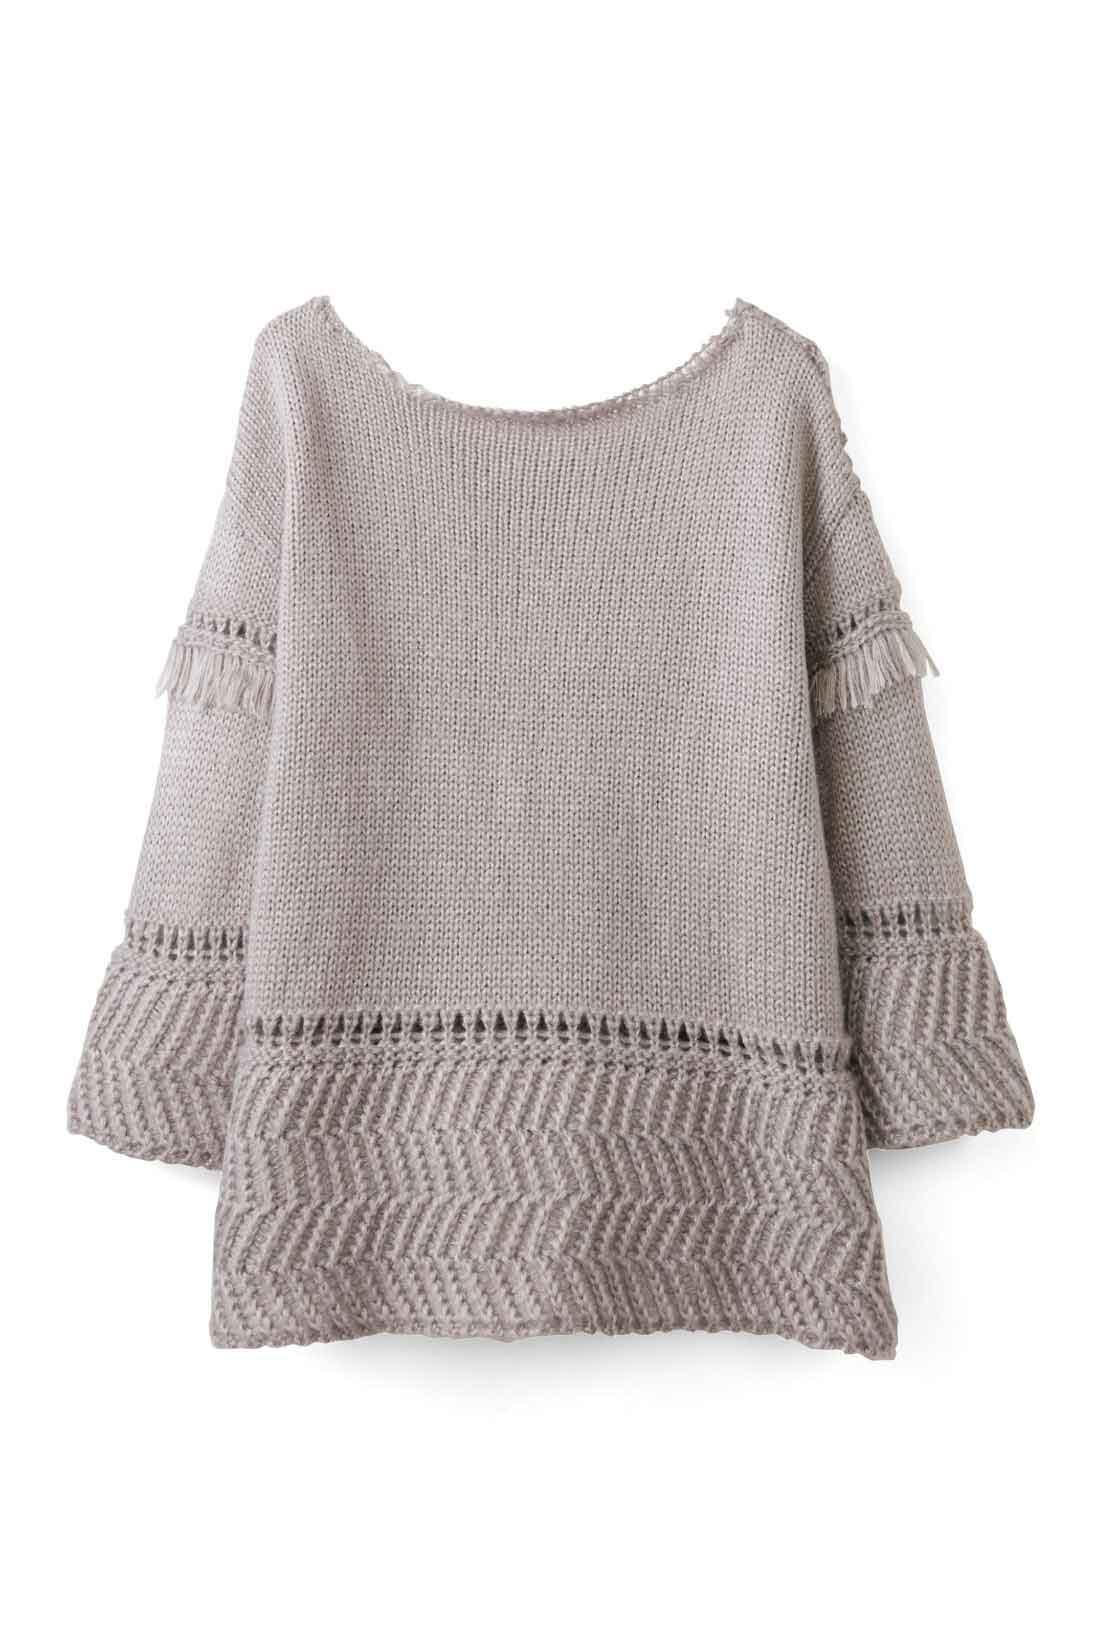 BACK すそ・袖の編み地を変えているから、後ろ姿も着映えます。 ※お届けするカラーとは異なります。